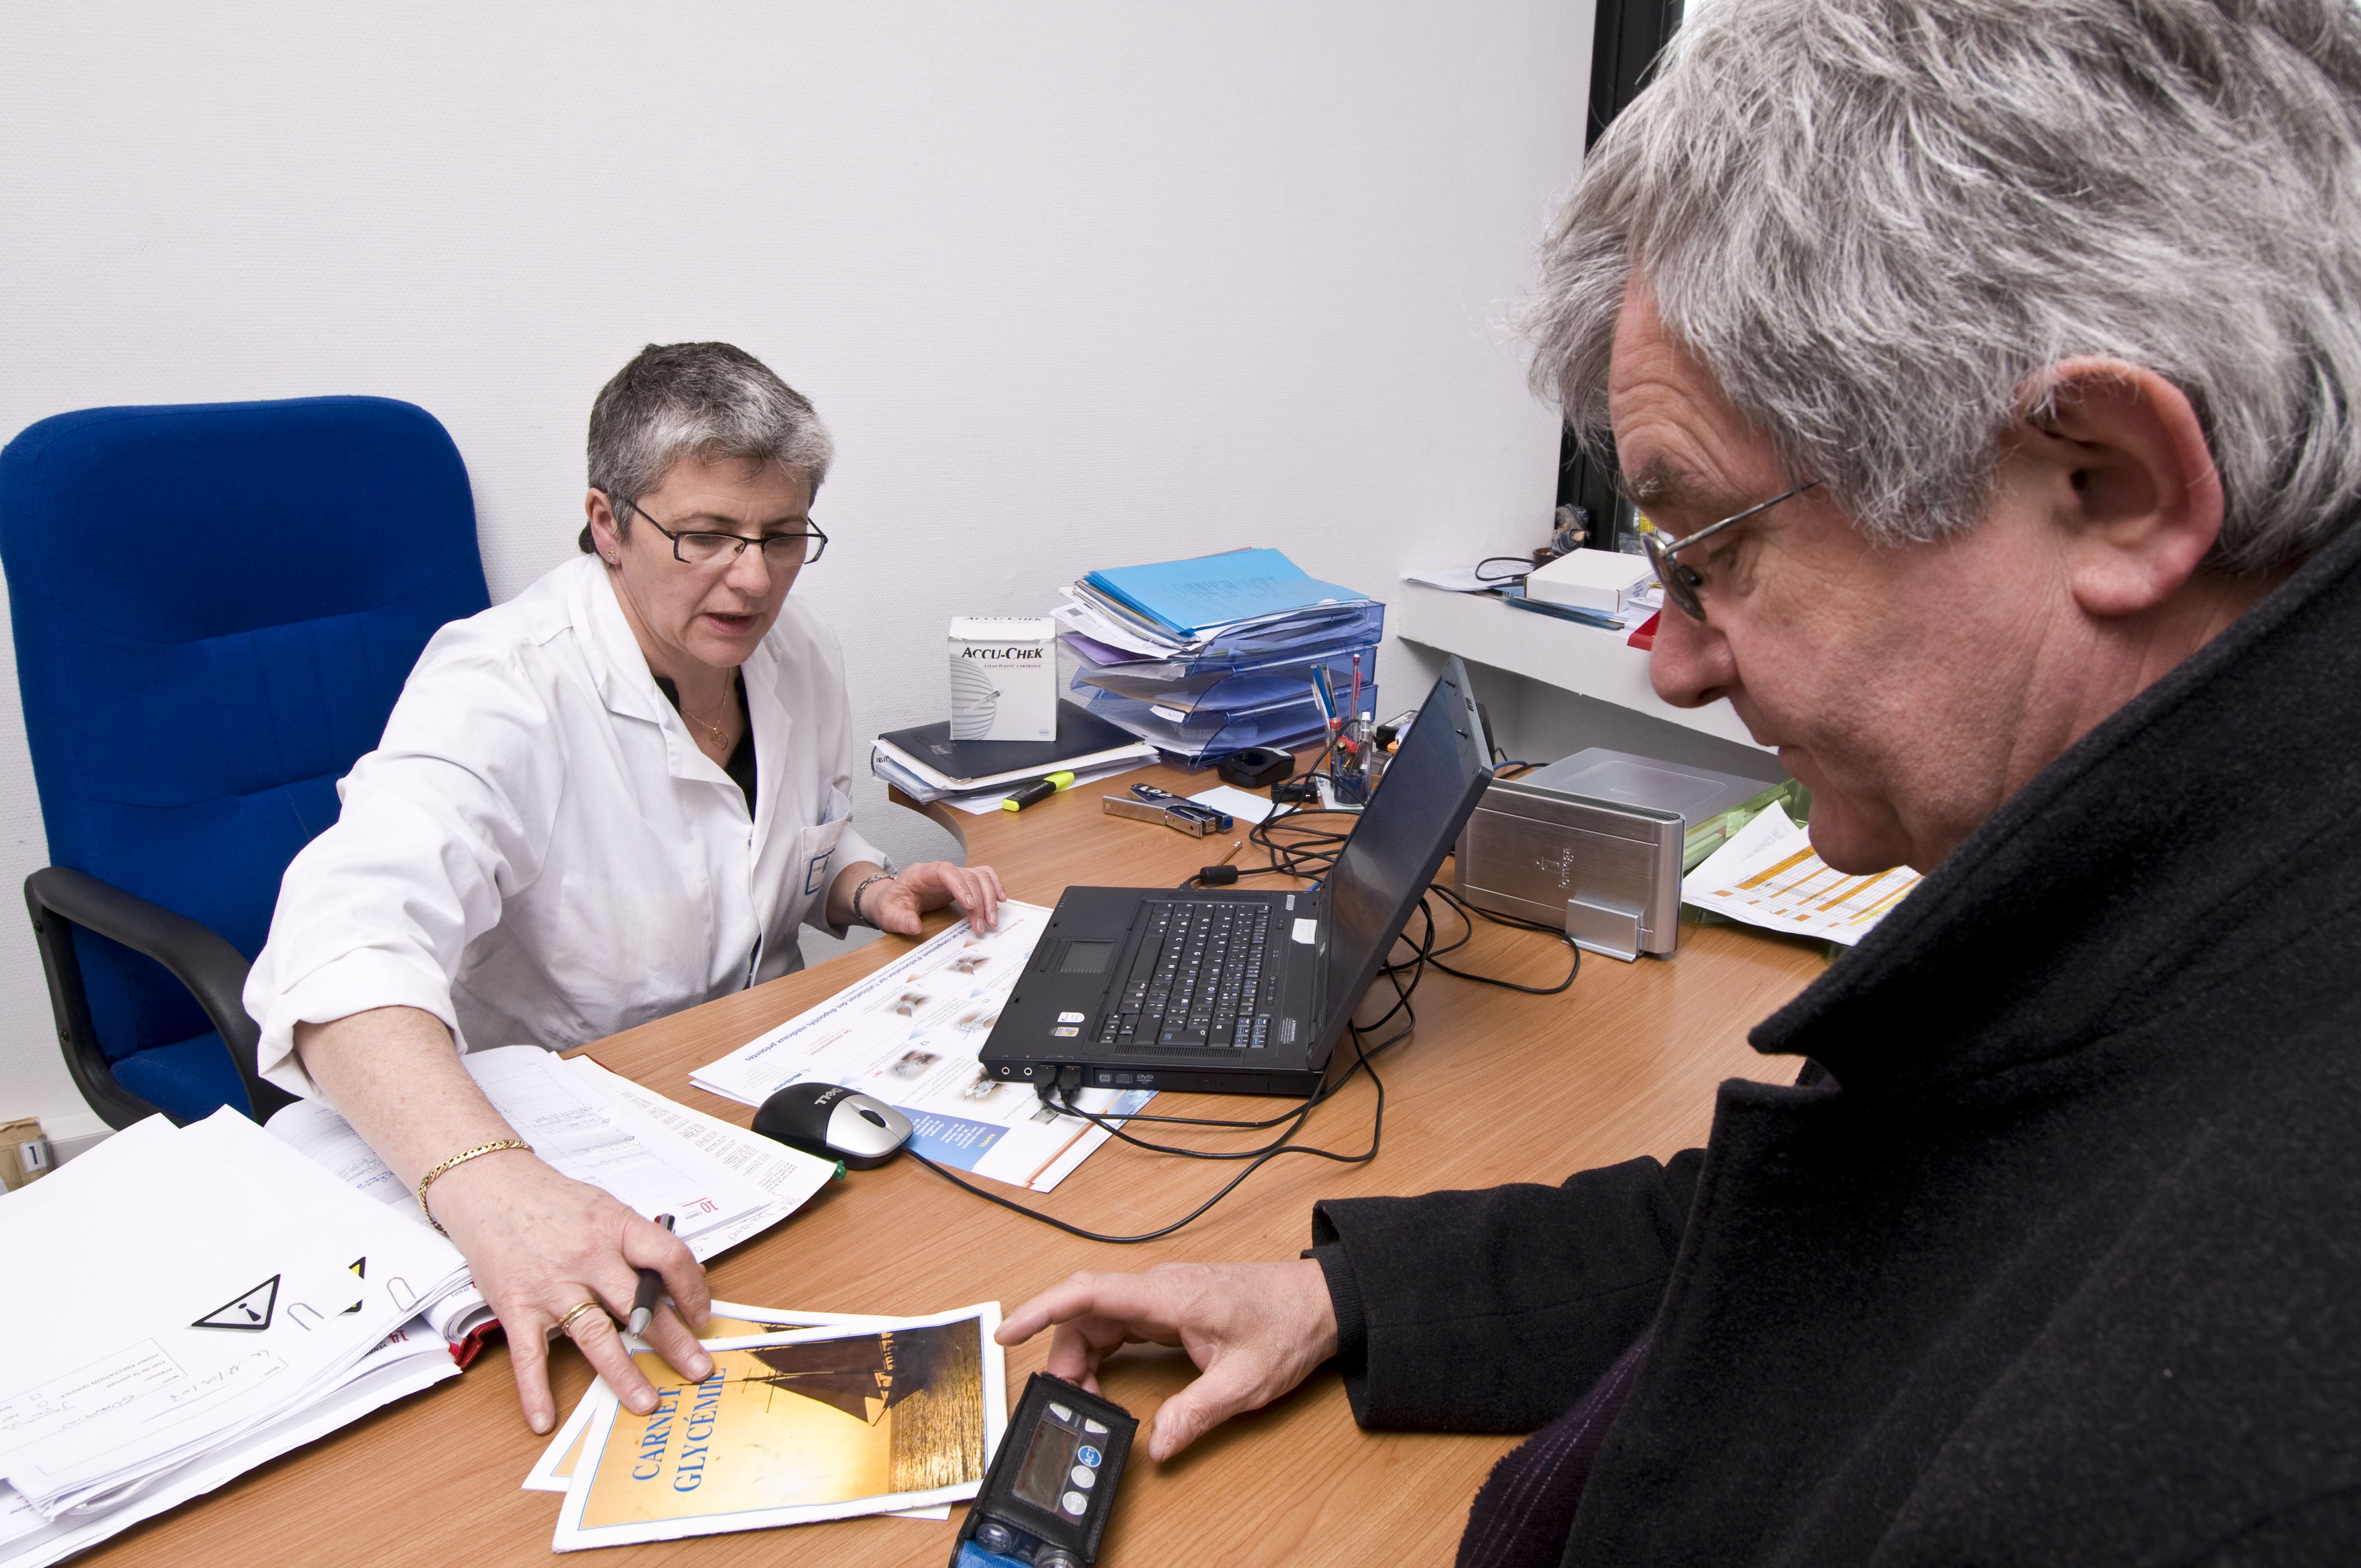 Hopital de Corbeil. Insulinotherapie fonctionnelle. Consultation d'une personne diabetique de type 1 de 60 ans porteuse d'une pompe portable. Odette Boscus-infirmiere specialisee Bernard Tasson-patient